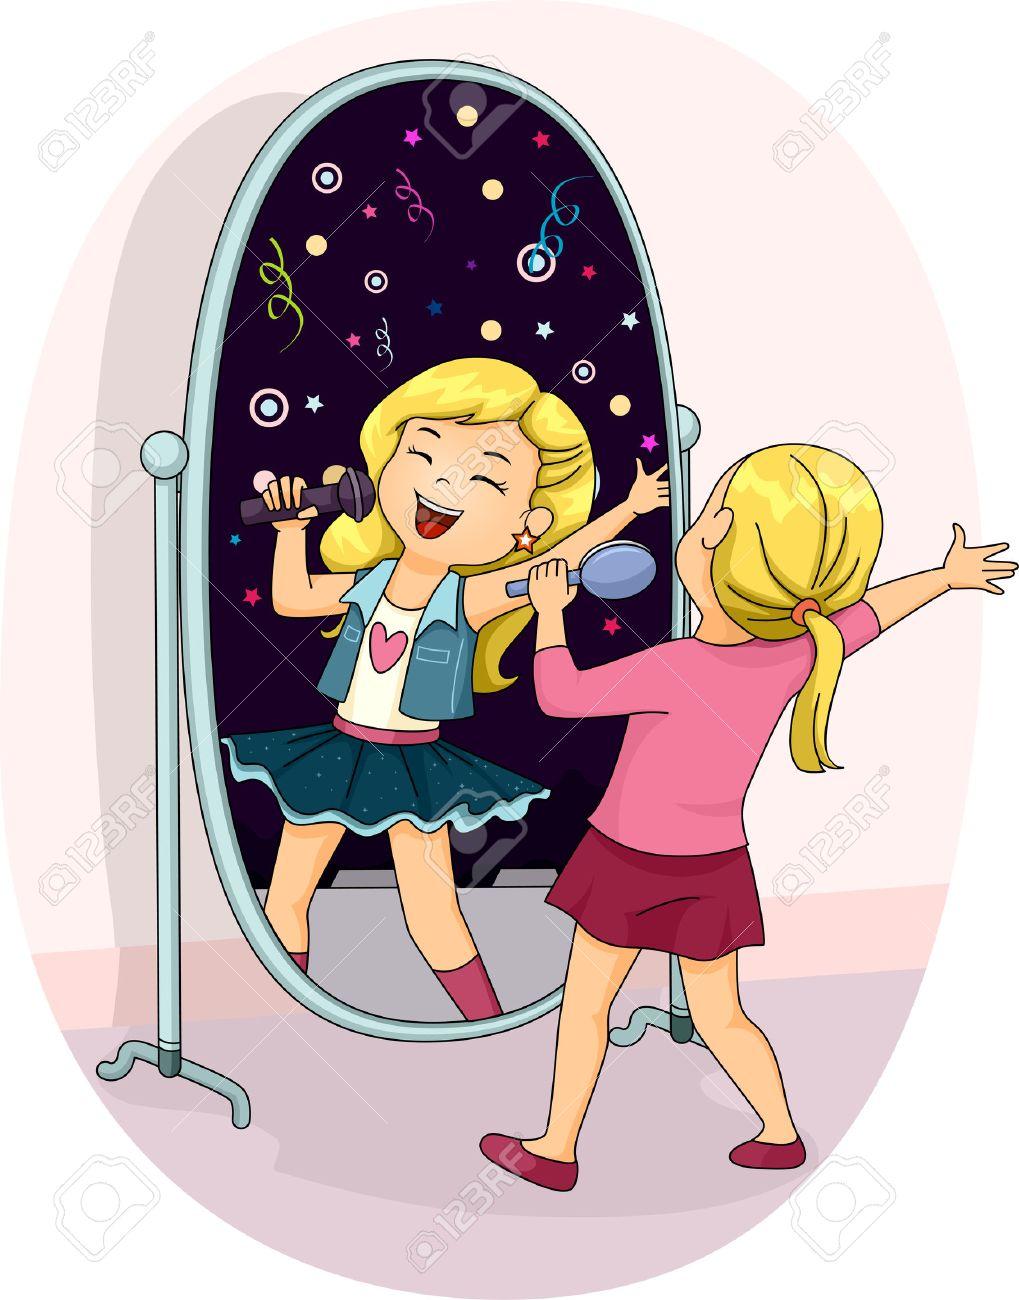 鏡の前で彼女の心を歌っている女の子のイラスト の写真素材画像素材